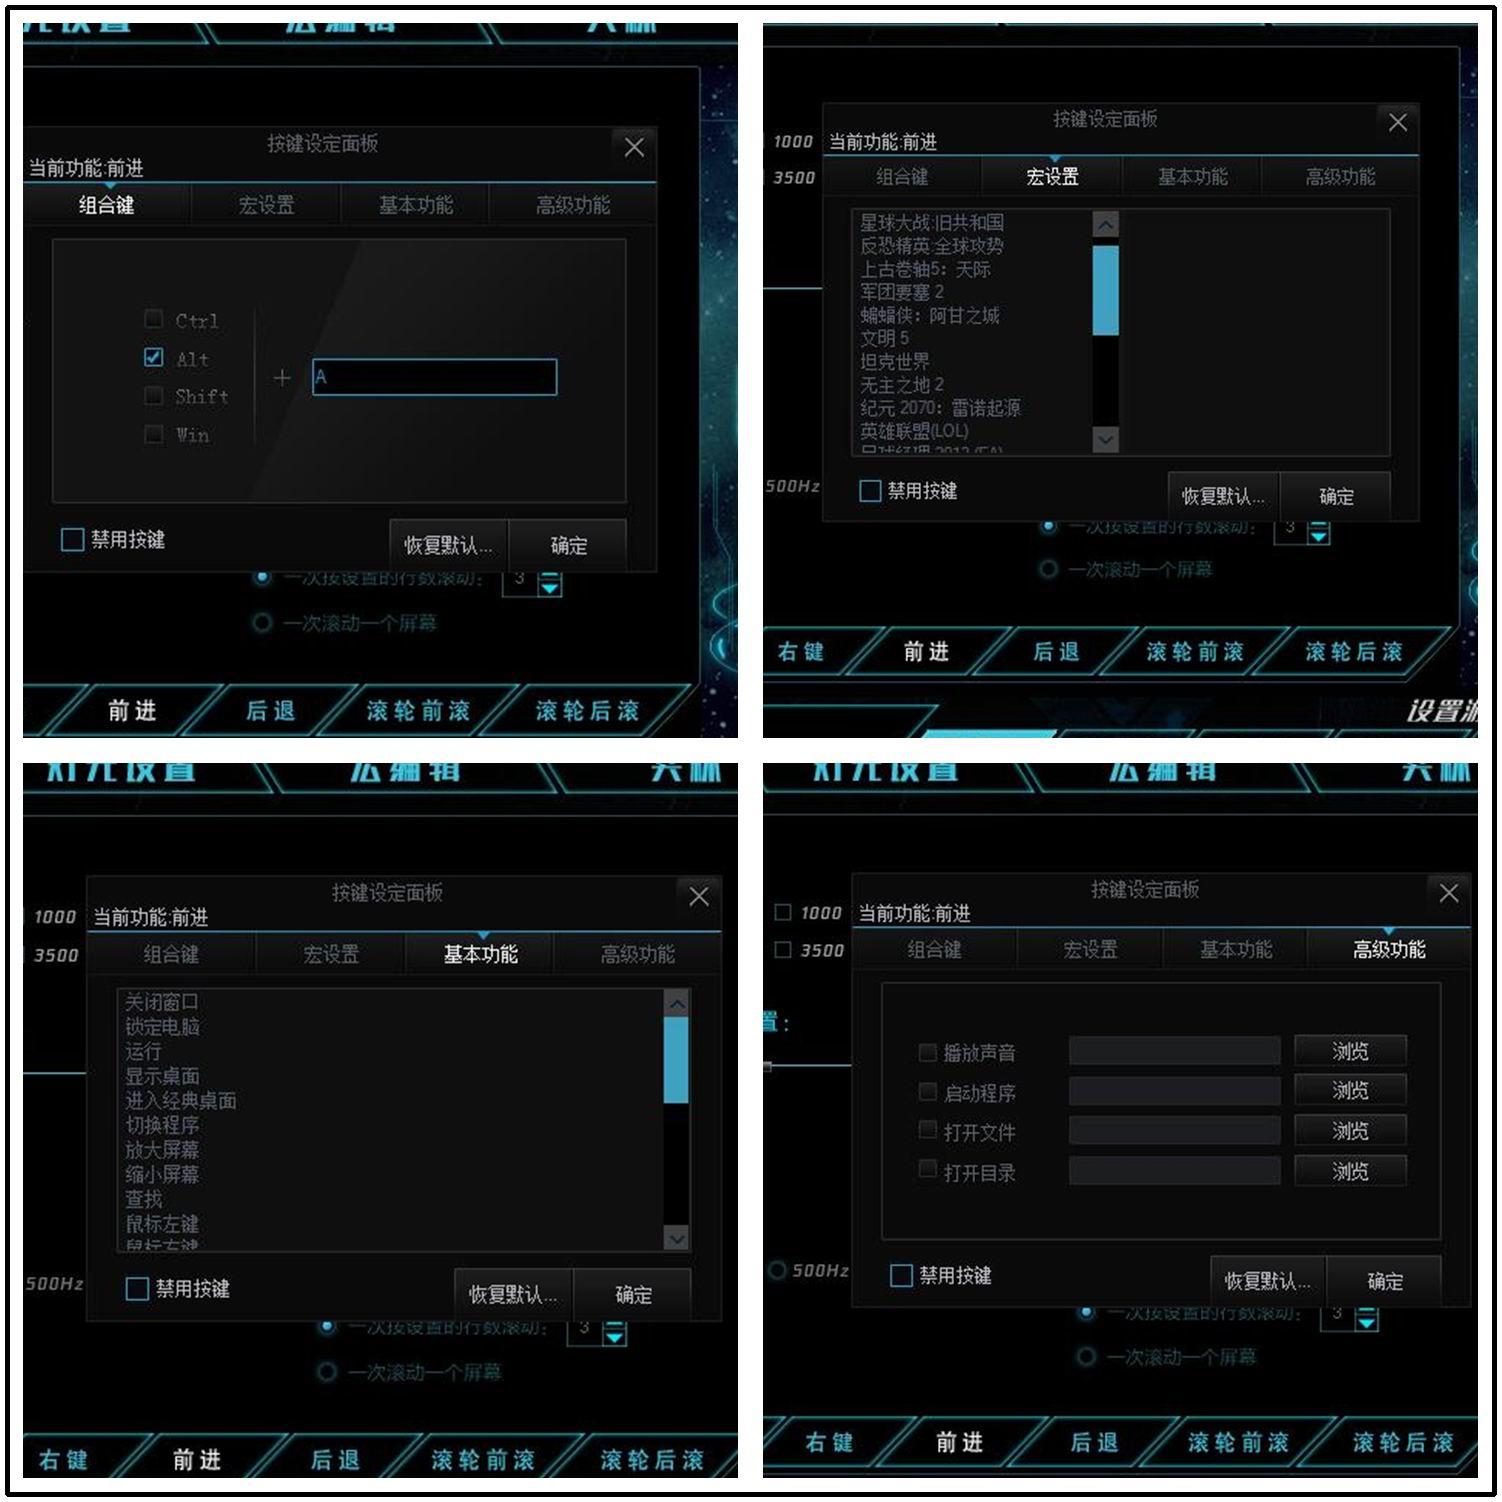 程序01.jpg